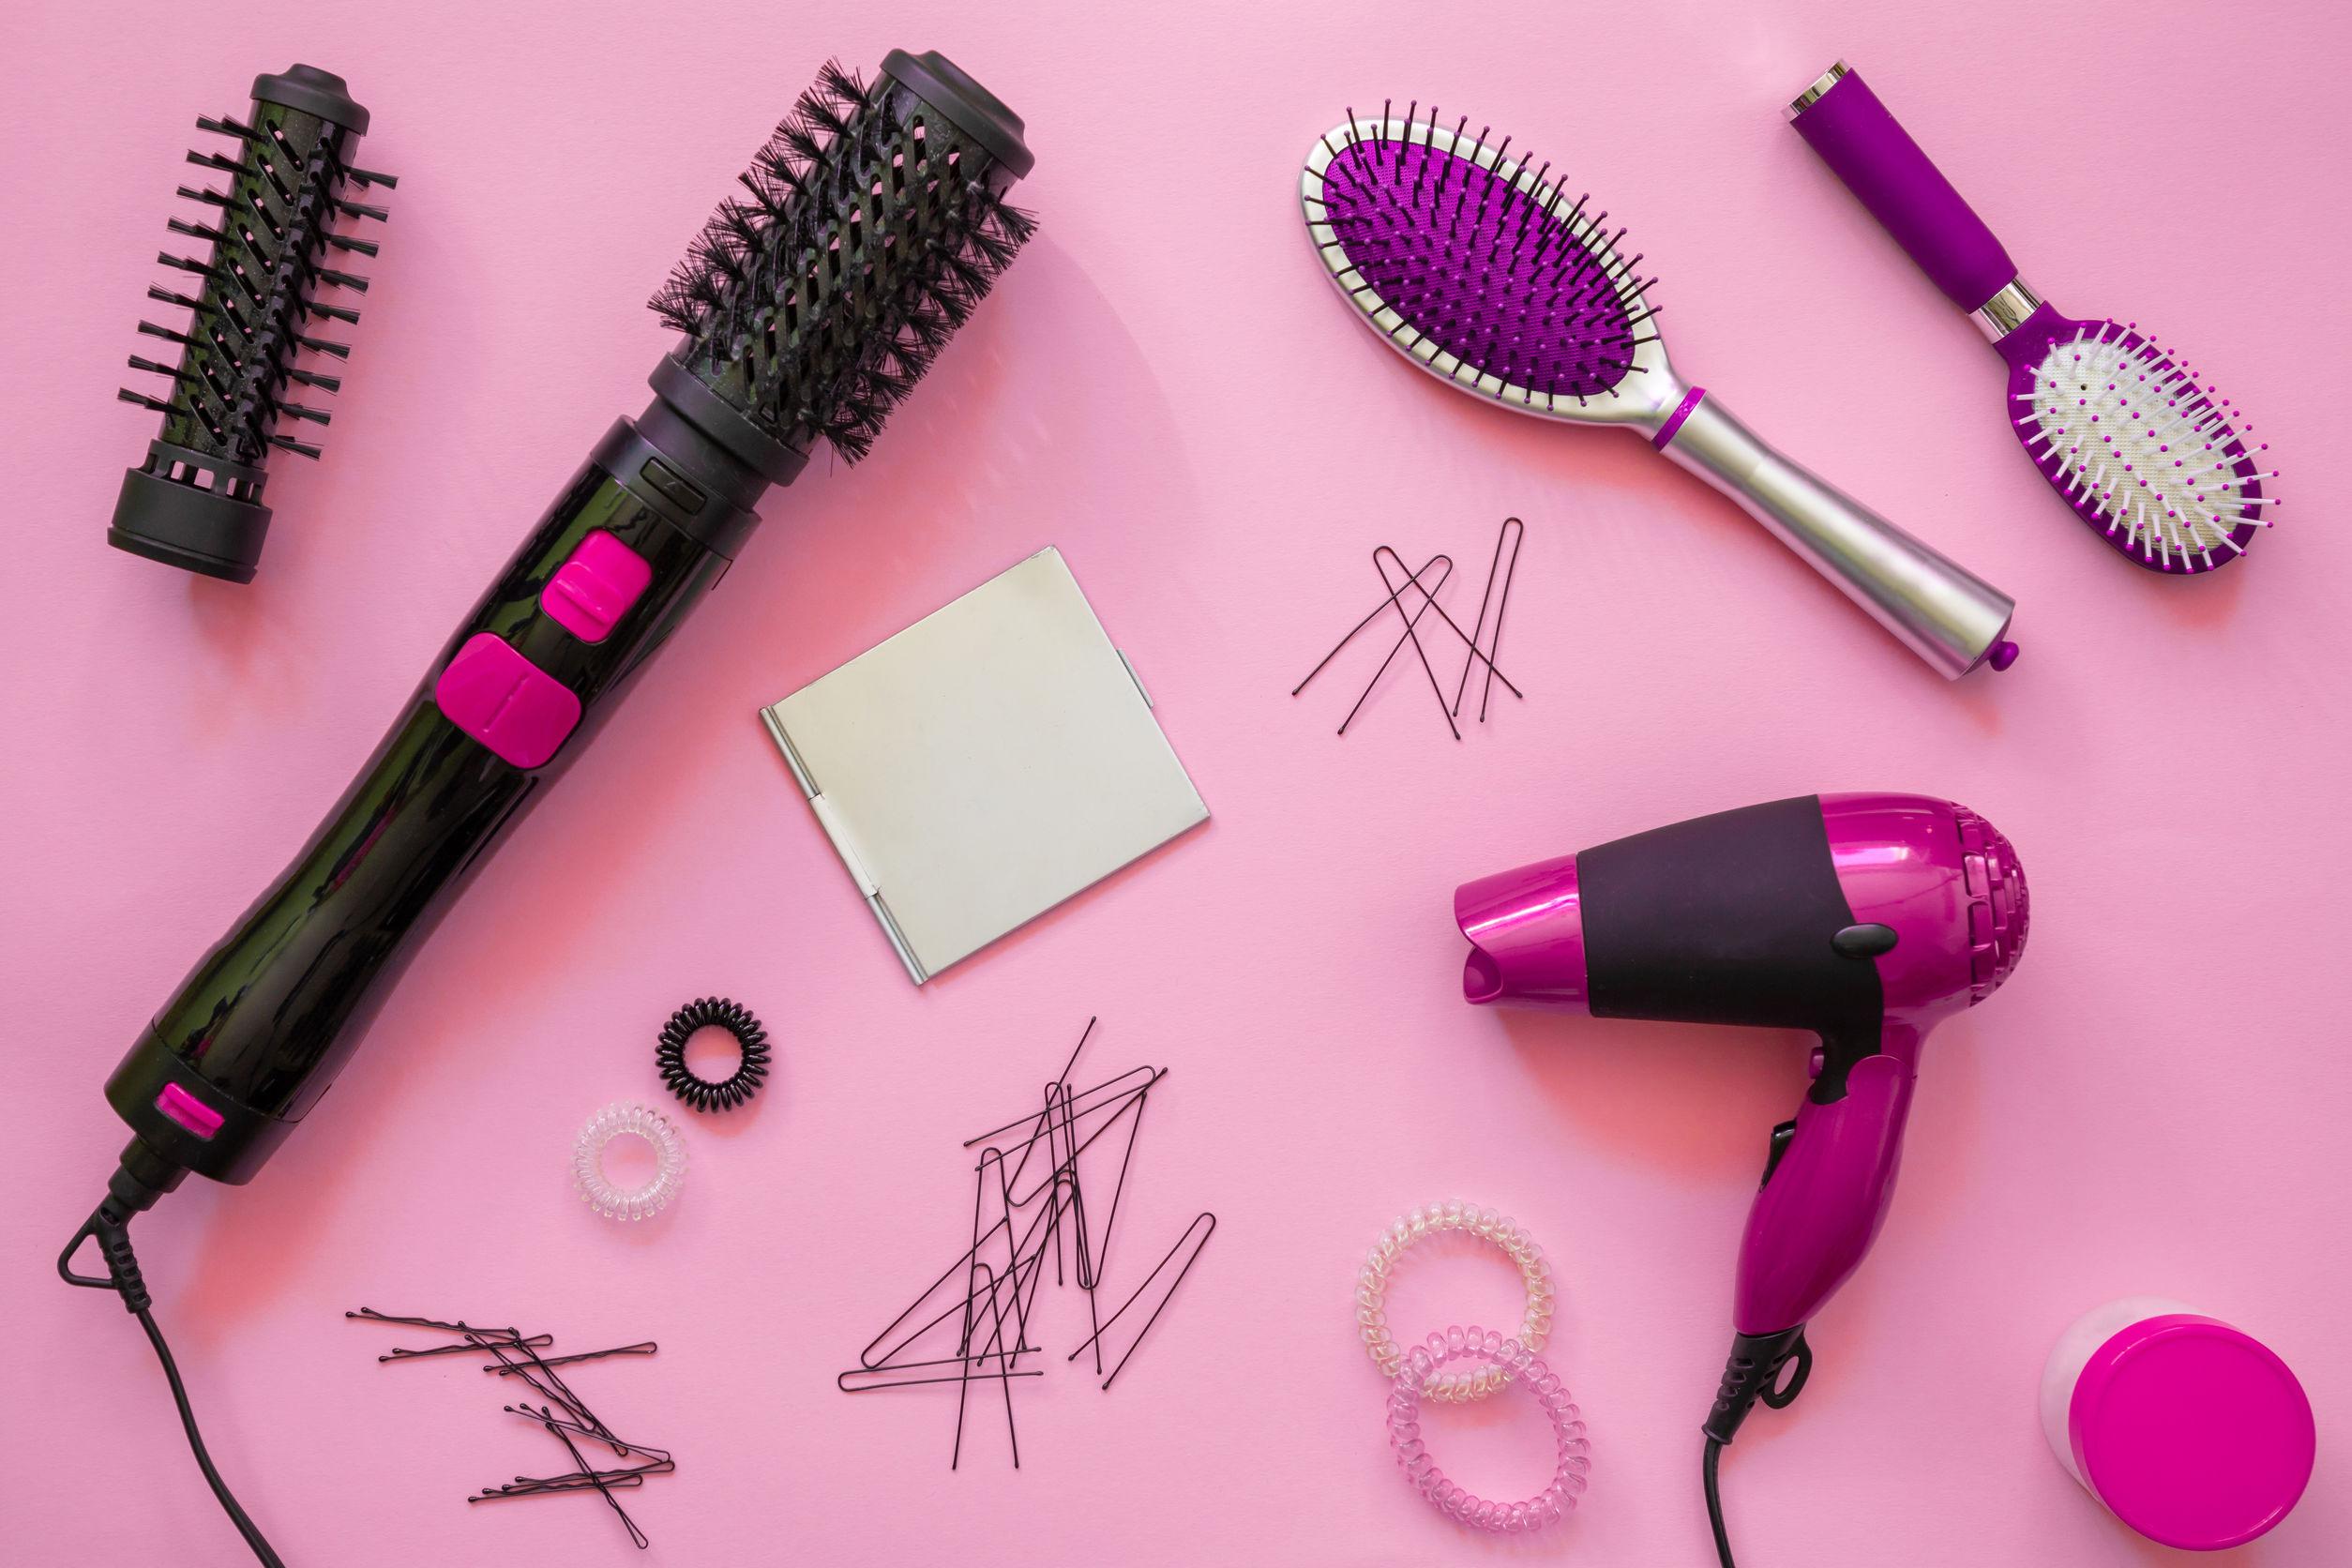 Na foto diversos acessórios para o cabelo como secador, escova, grampos etc.